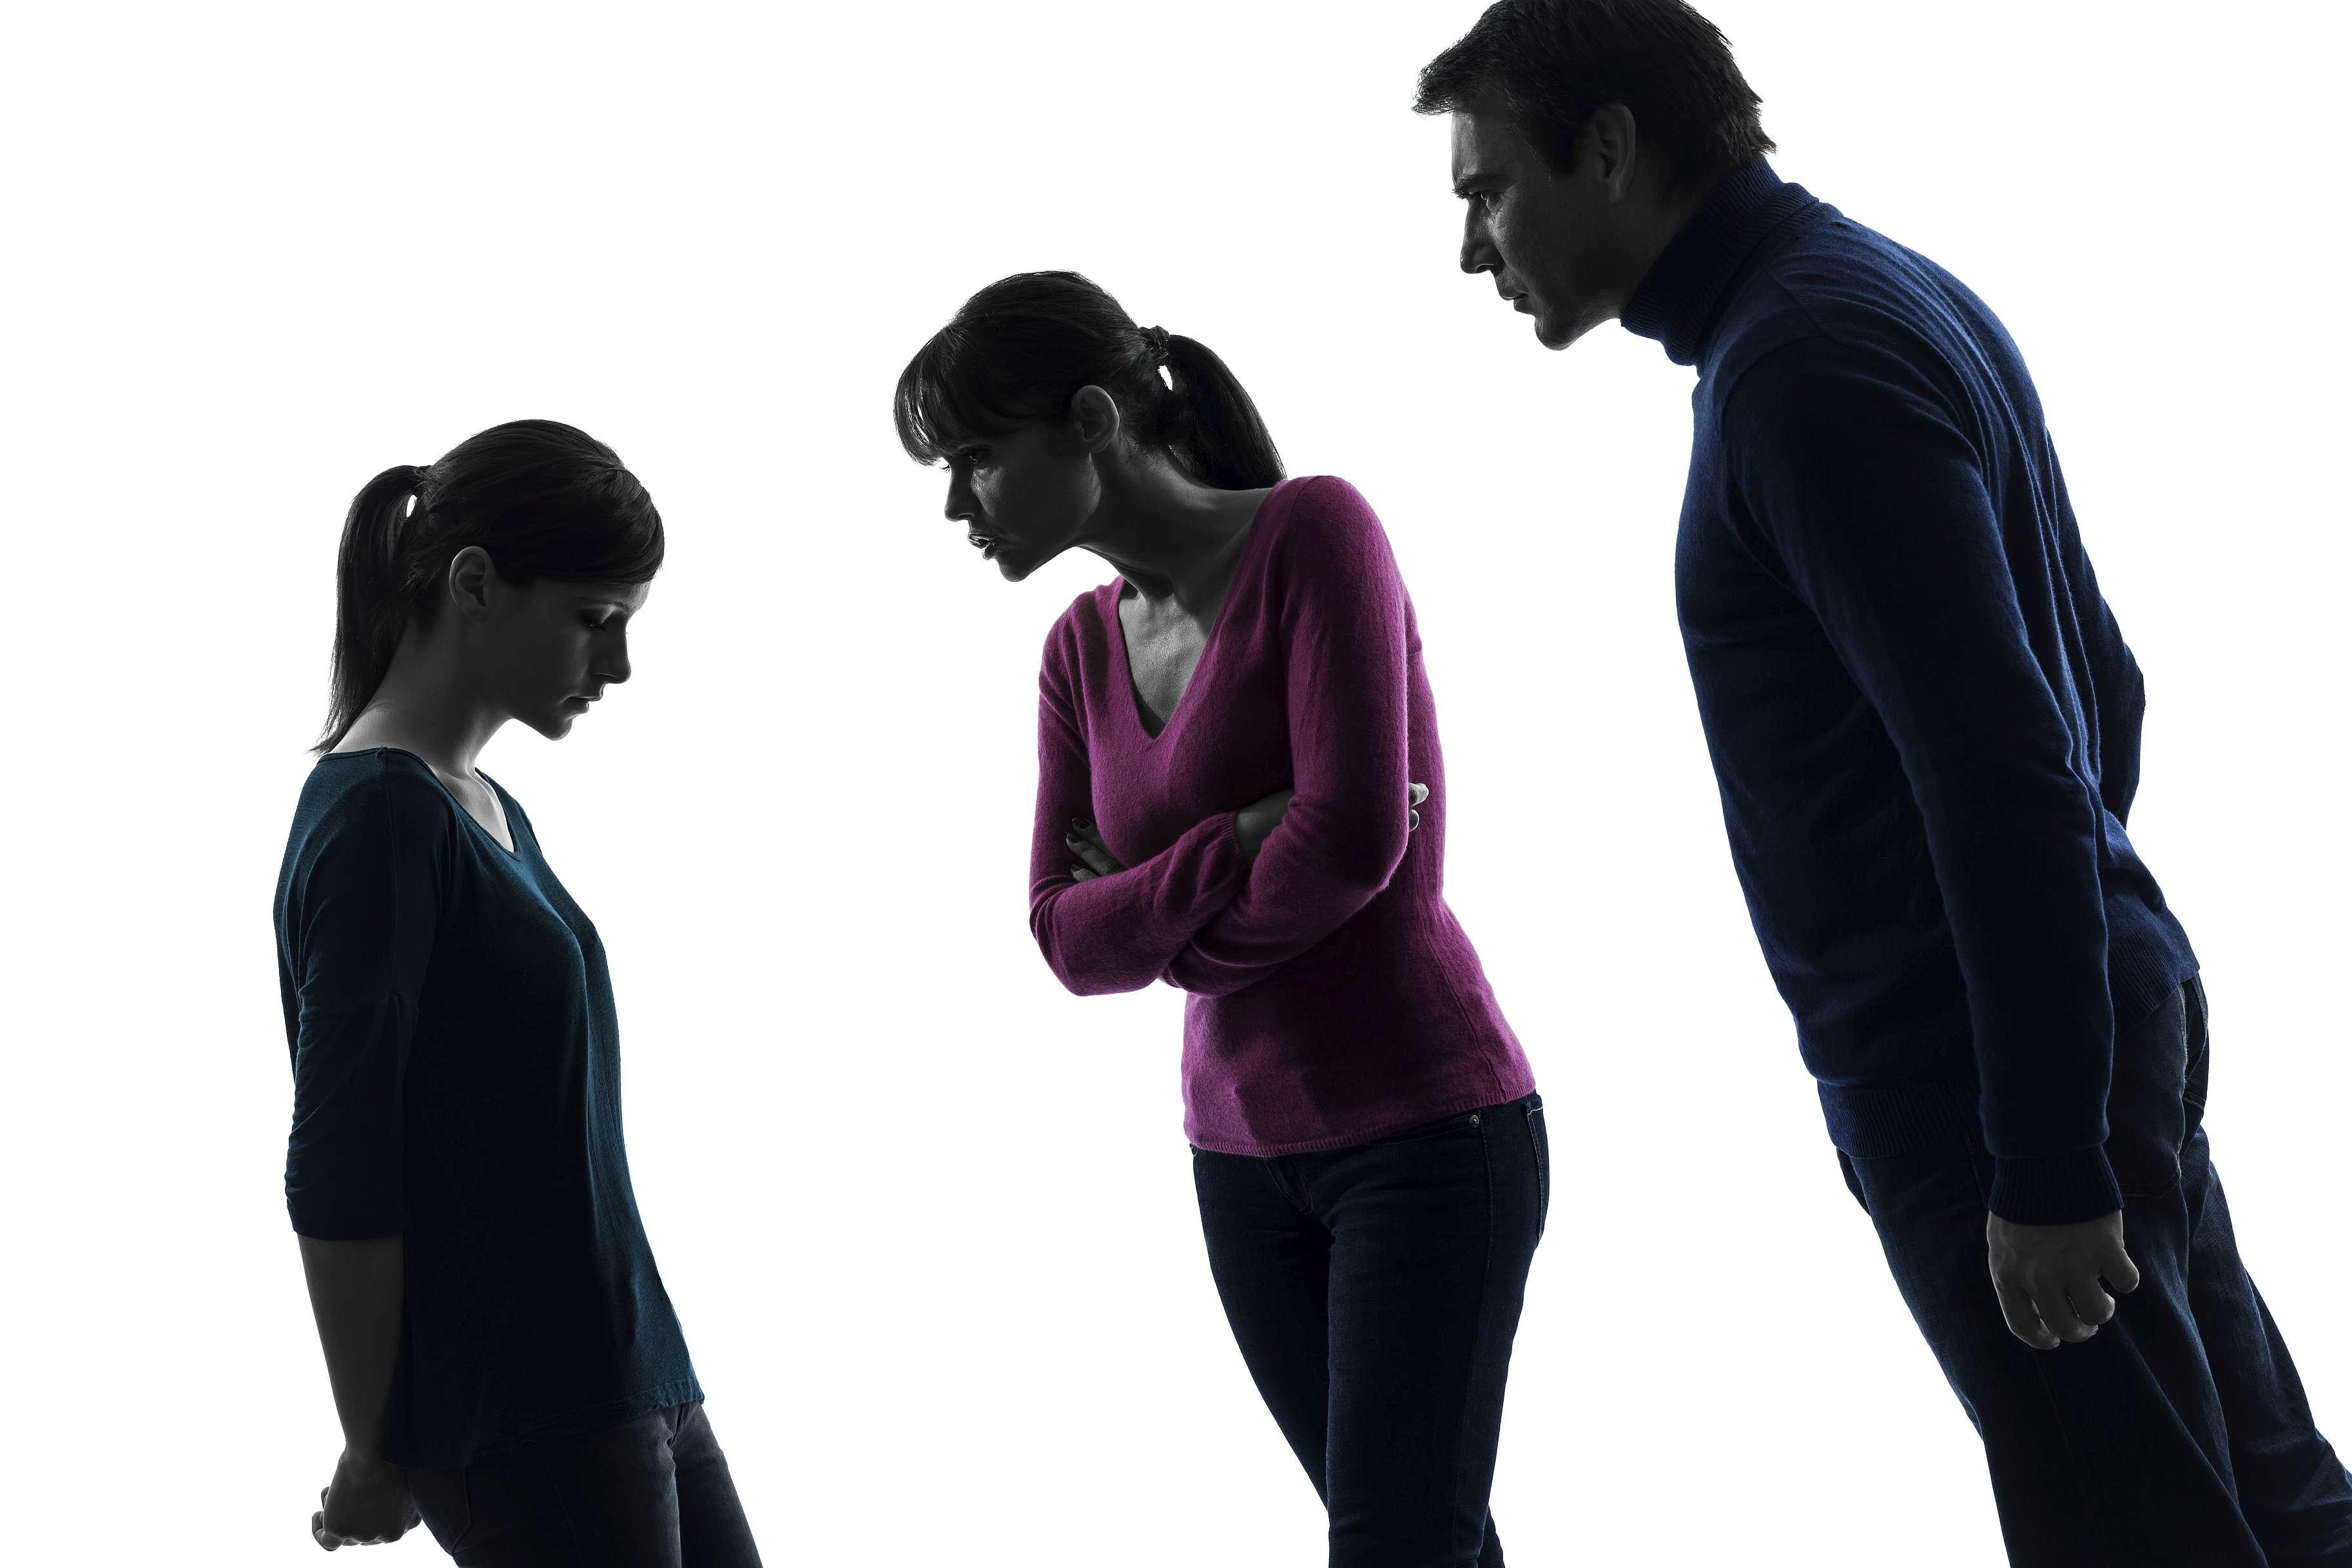 Comment réagir face à notre enfant/notre adolescent qui nous parle mal ?